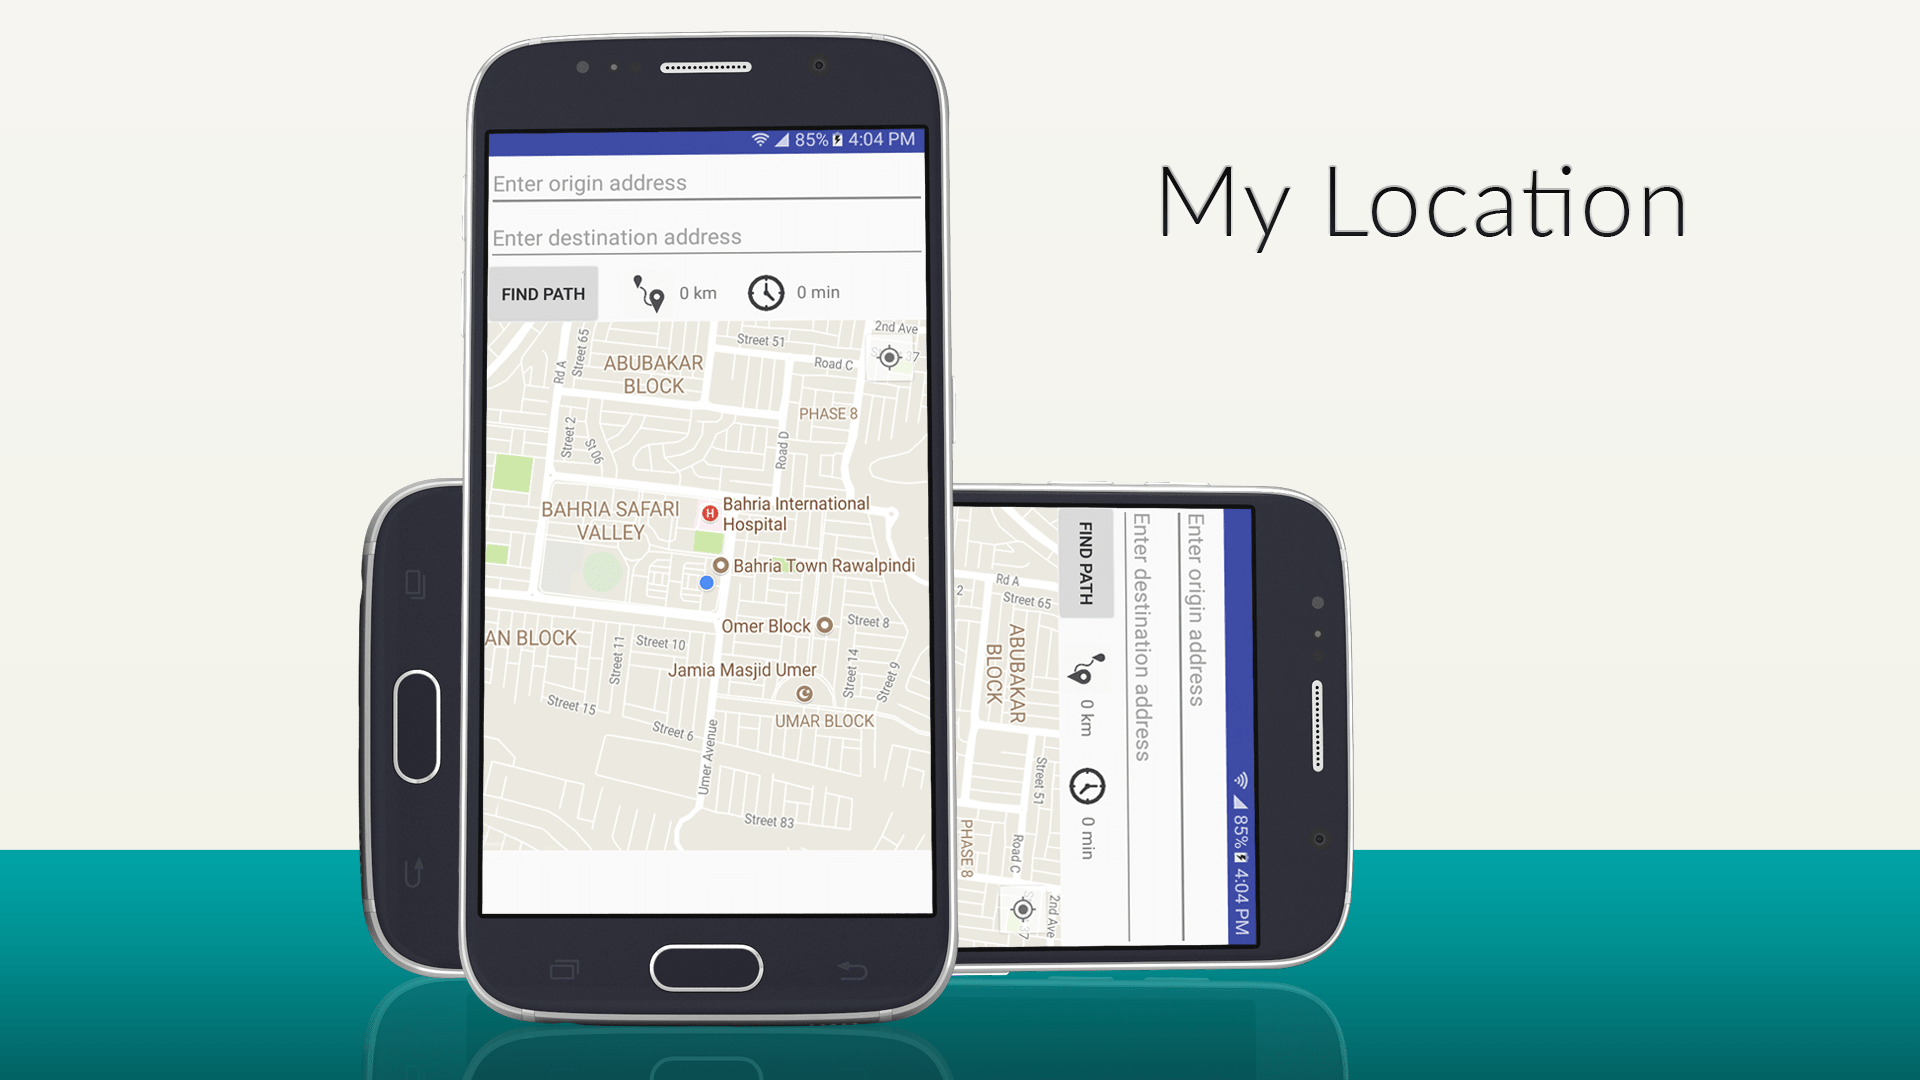 Encontrar Telefono - Rastrear Celular y Locacion: Amazon.es: Appstore para Android